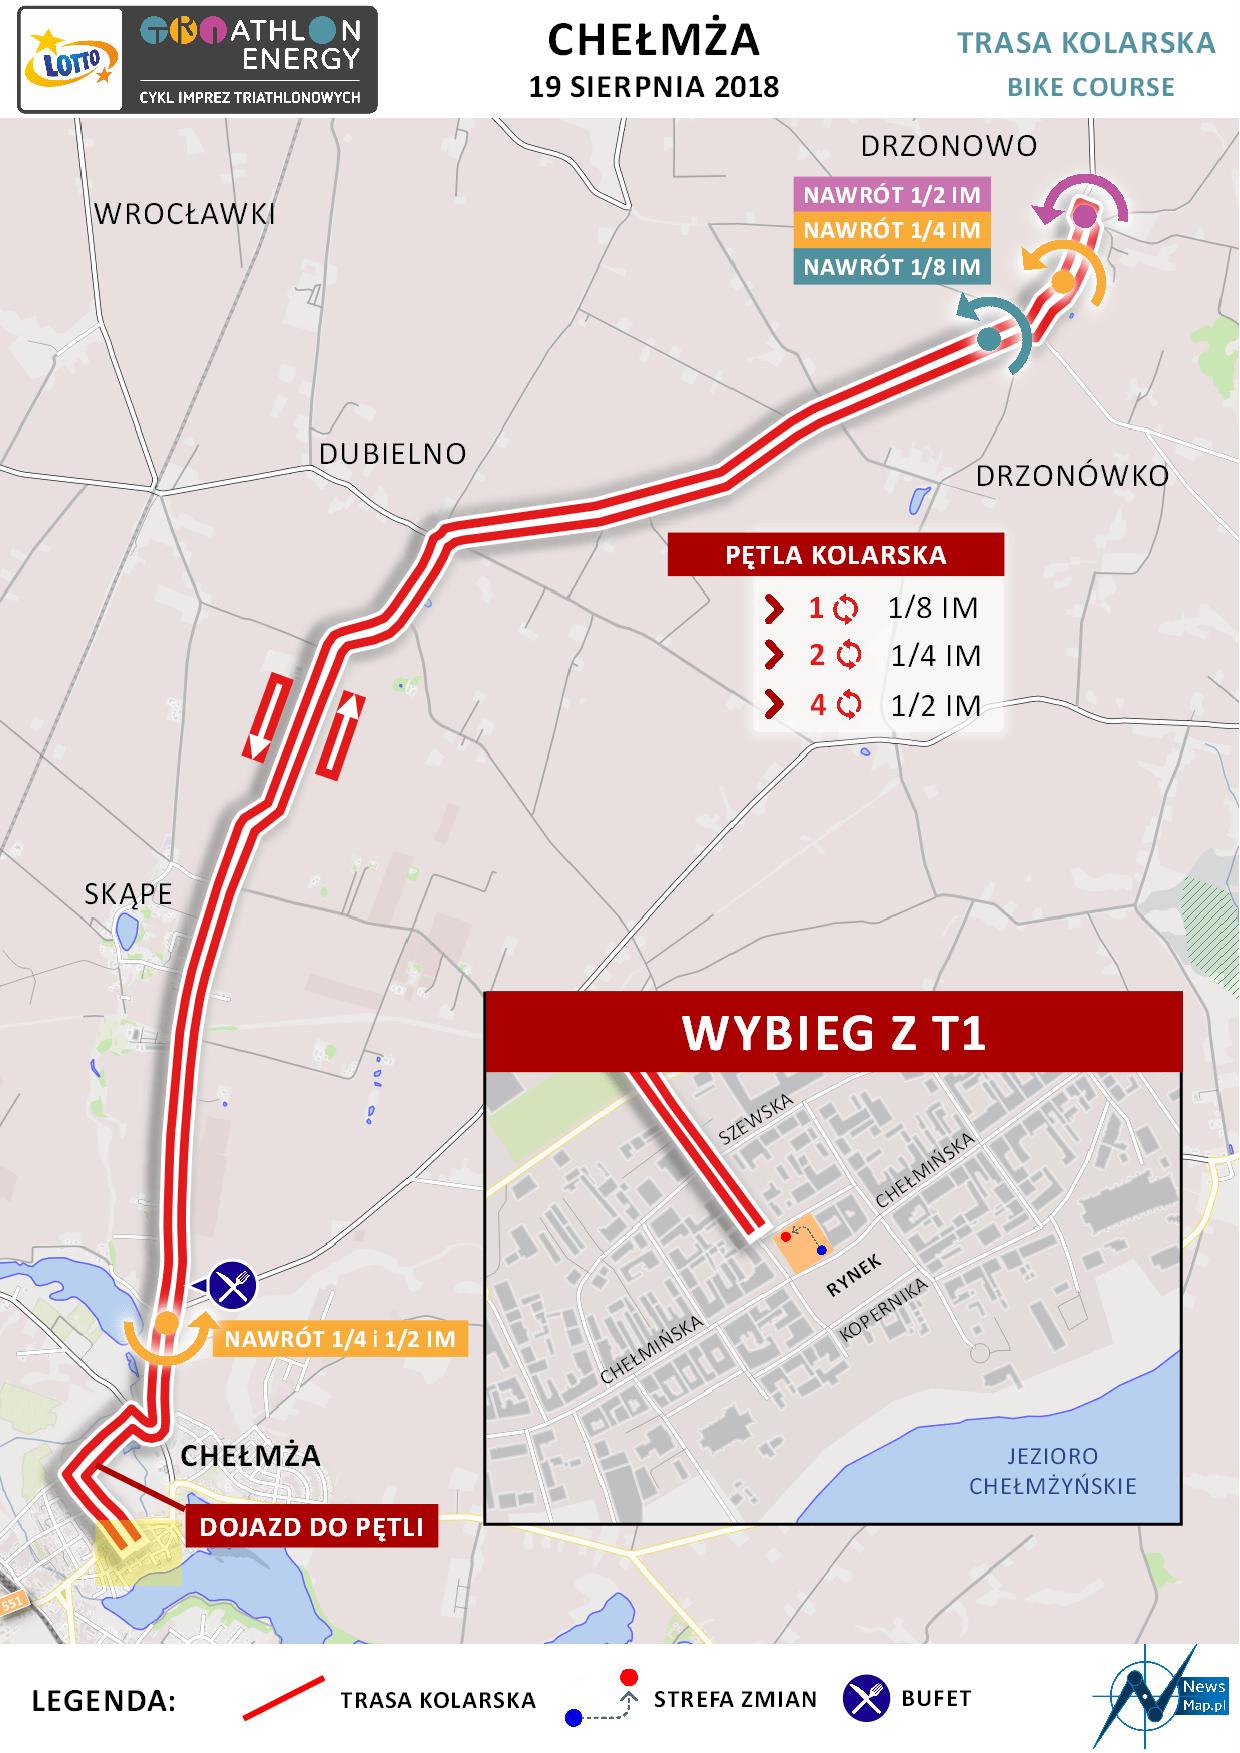 Mapa statyczna Chełmża Energy Triathlon 2018 - rower